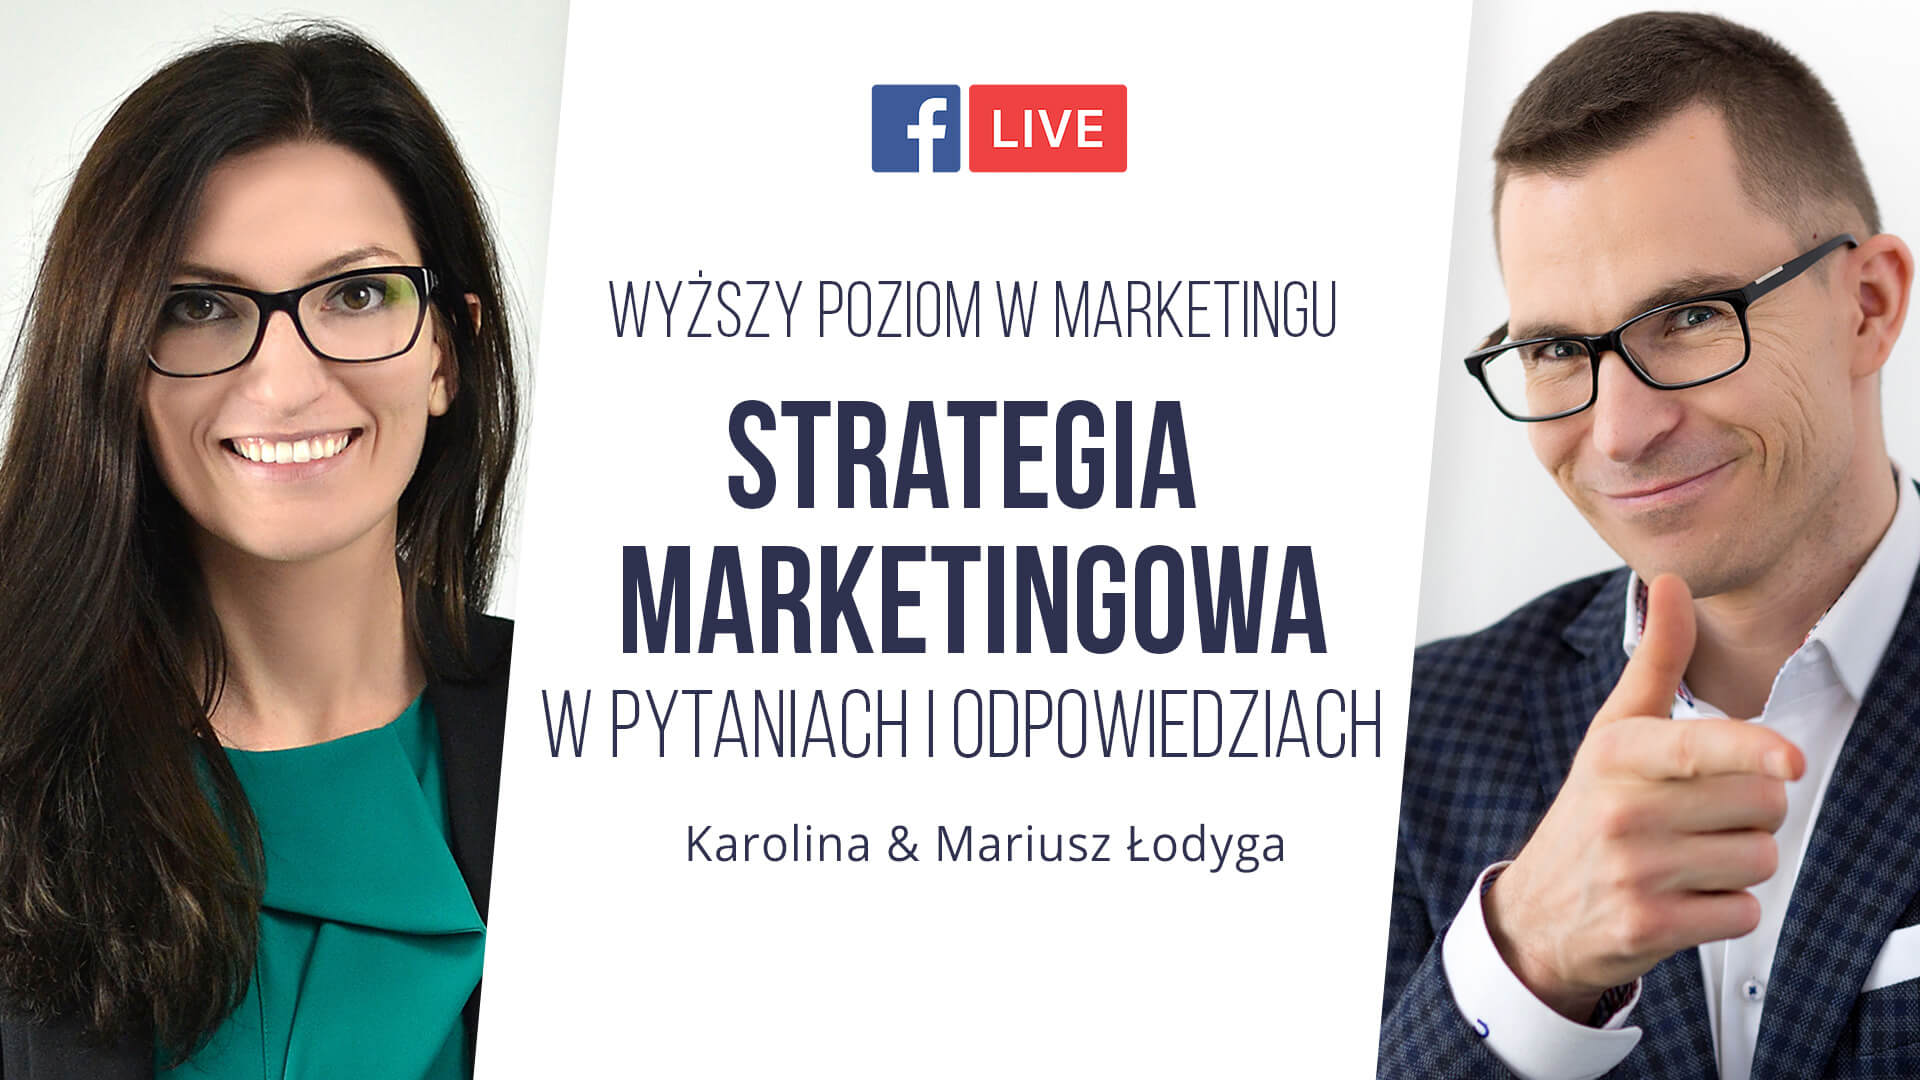 Strategia marketingowa w pytaniach i odpowiedziach